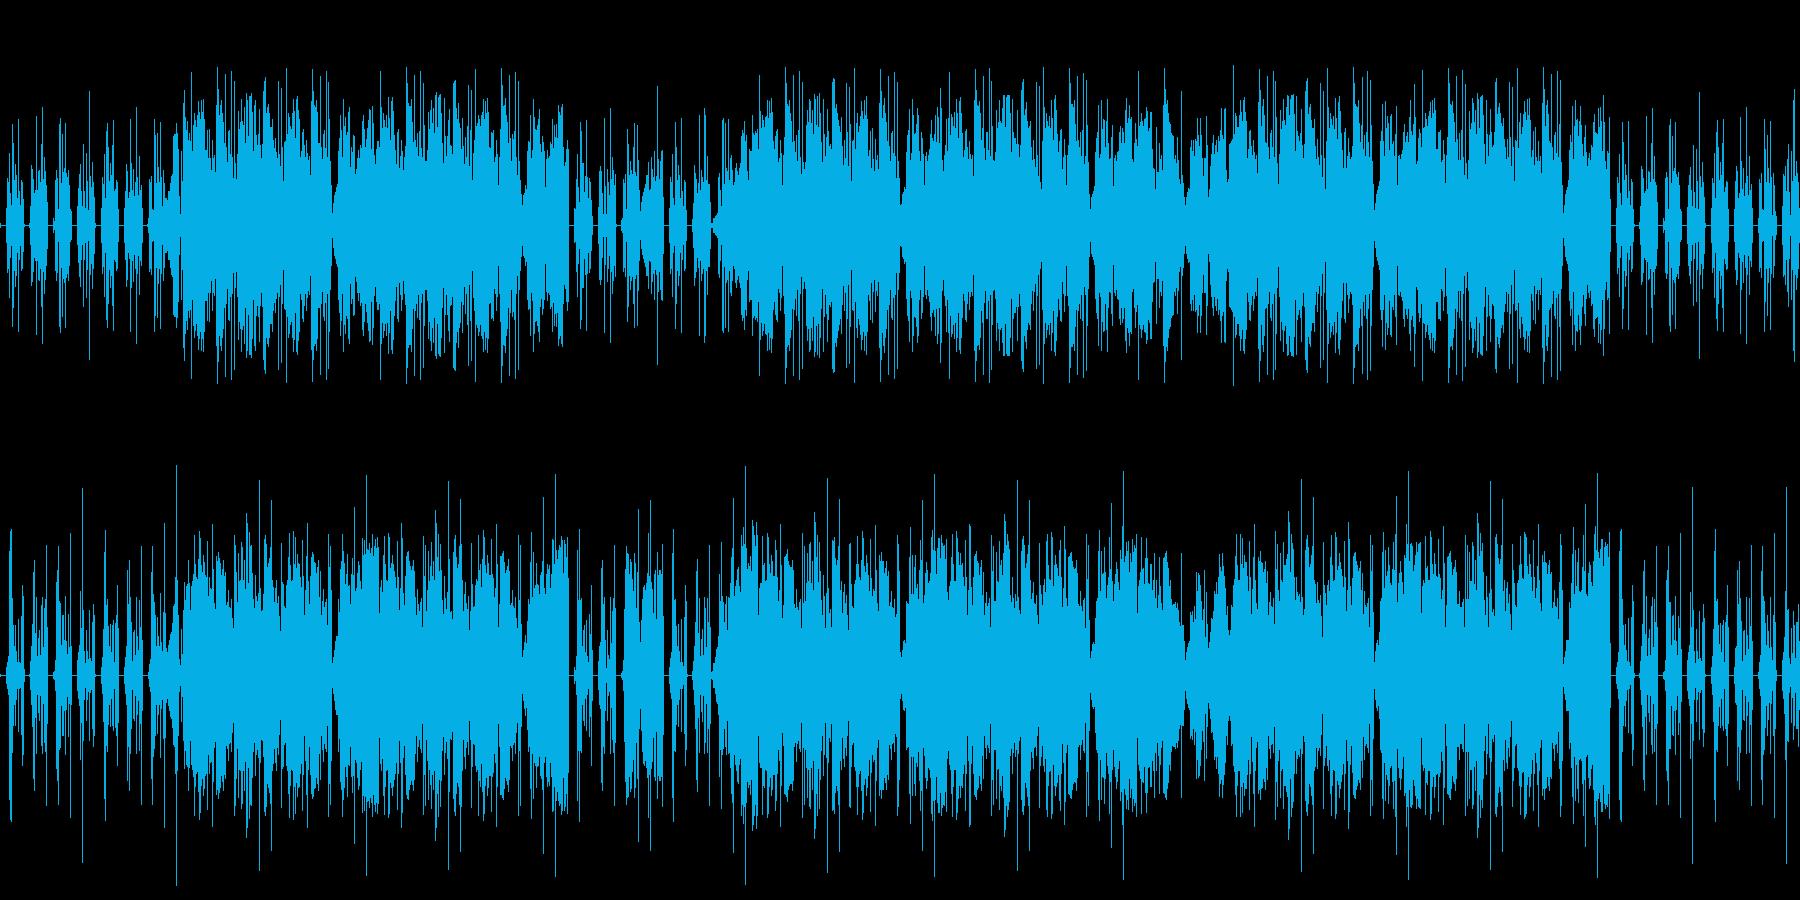 【サイバー/近未来/不思議エレクトロ】の再生済みの波形